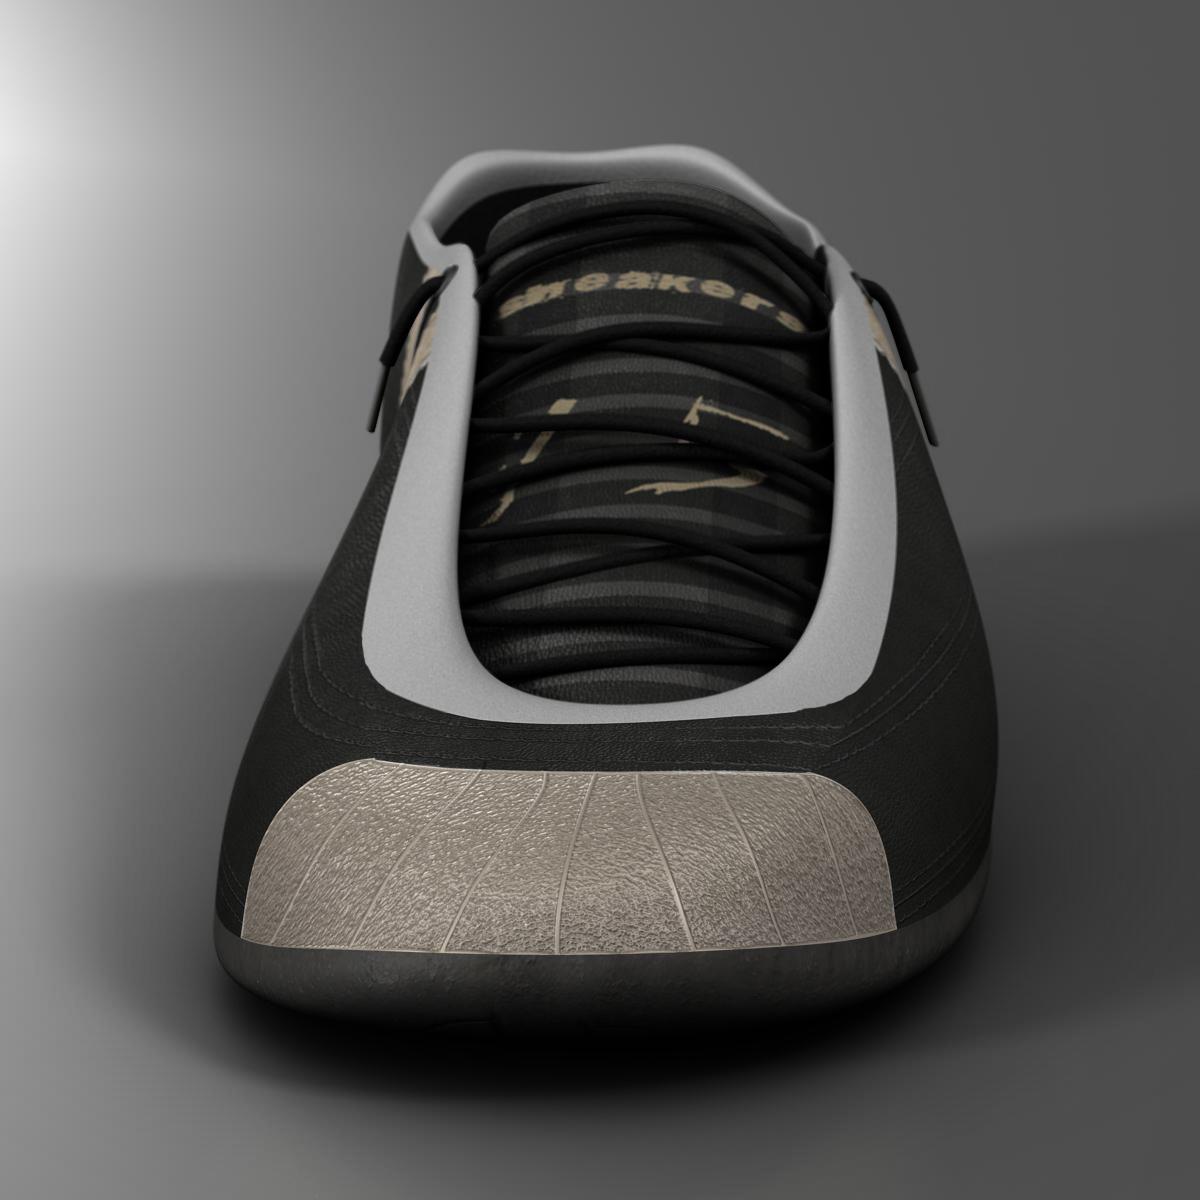 sneakers 3d model 3ds max fbx c4d ma mb obj 160385